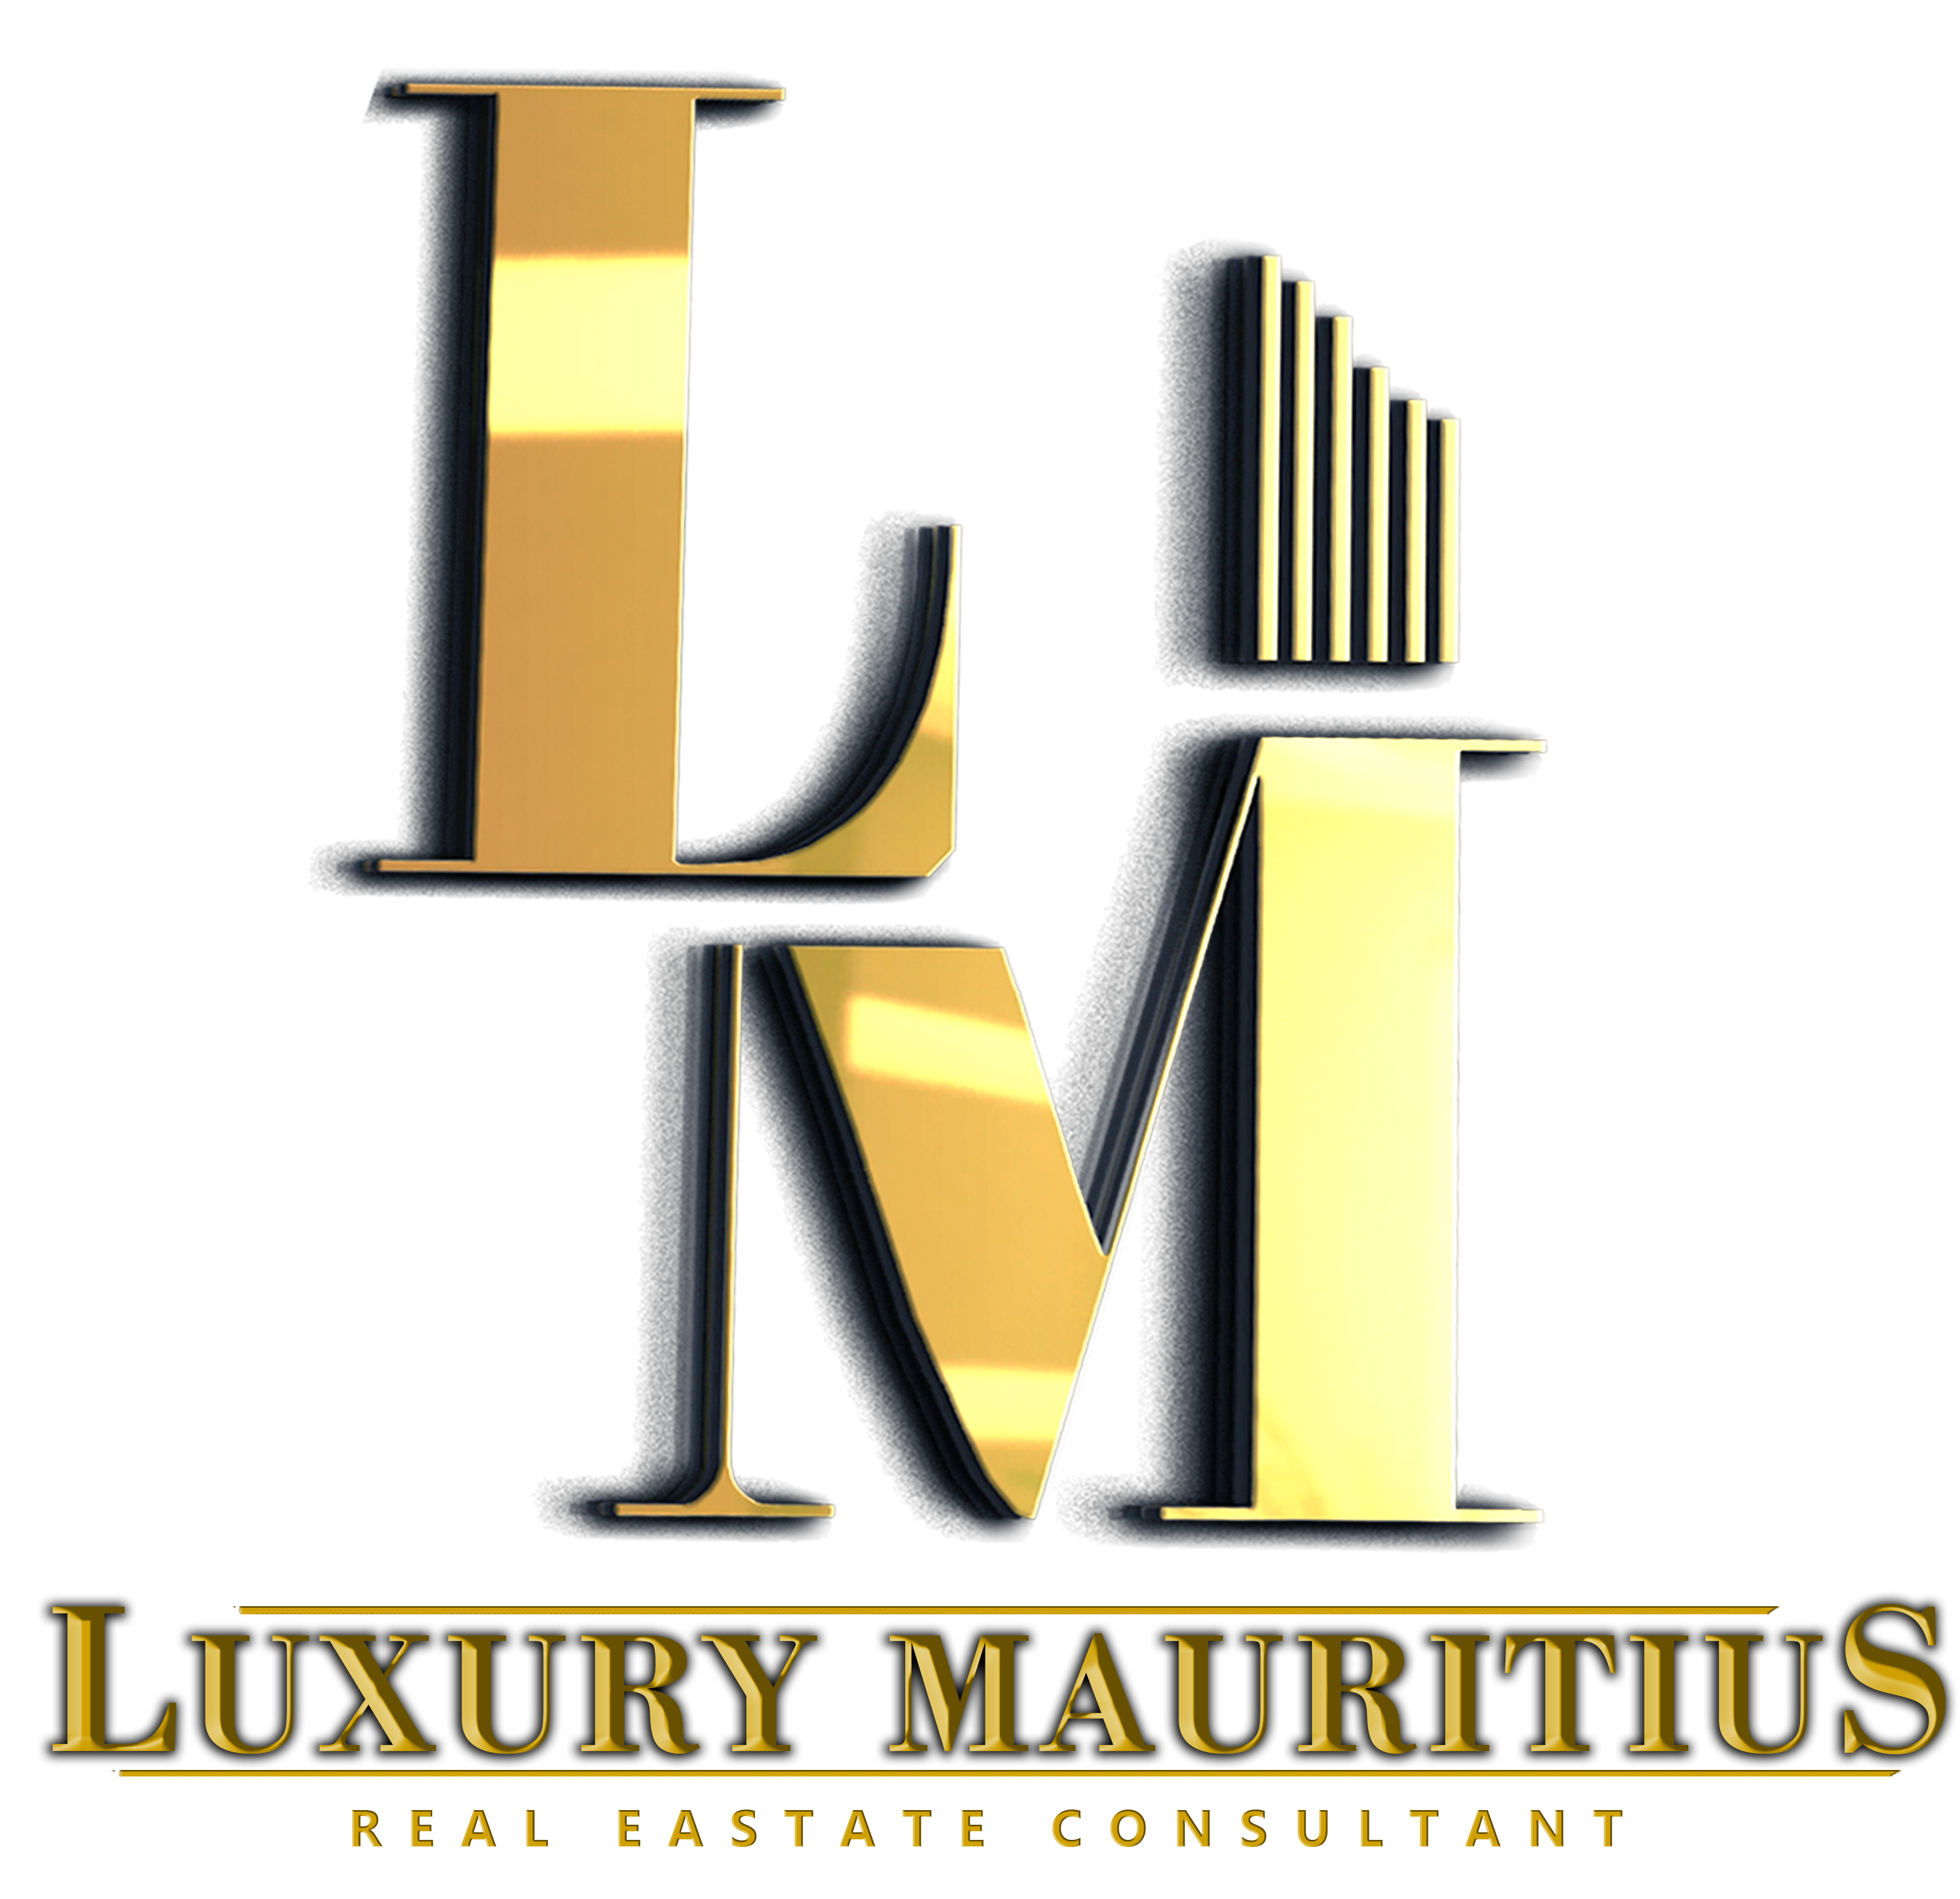 LuxuryMaurtius